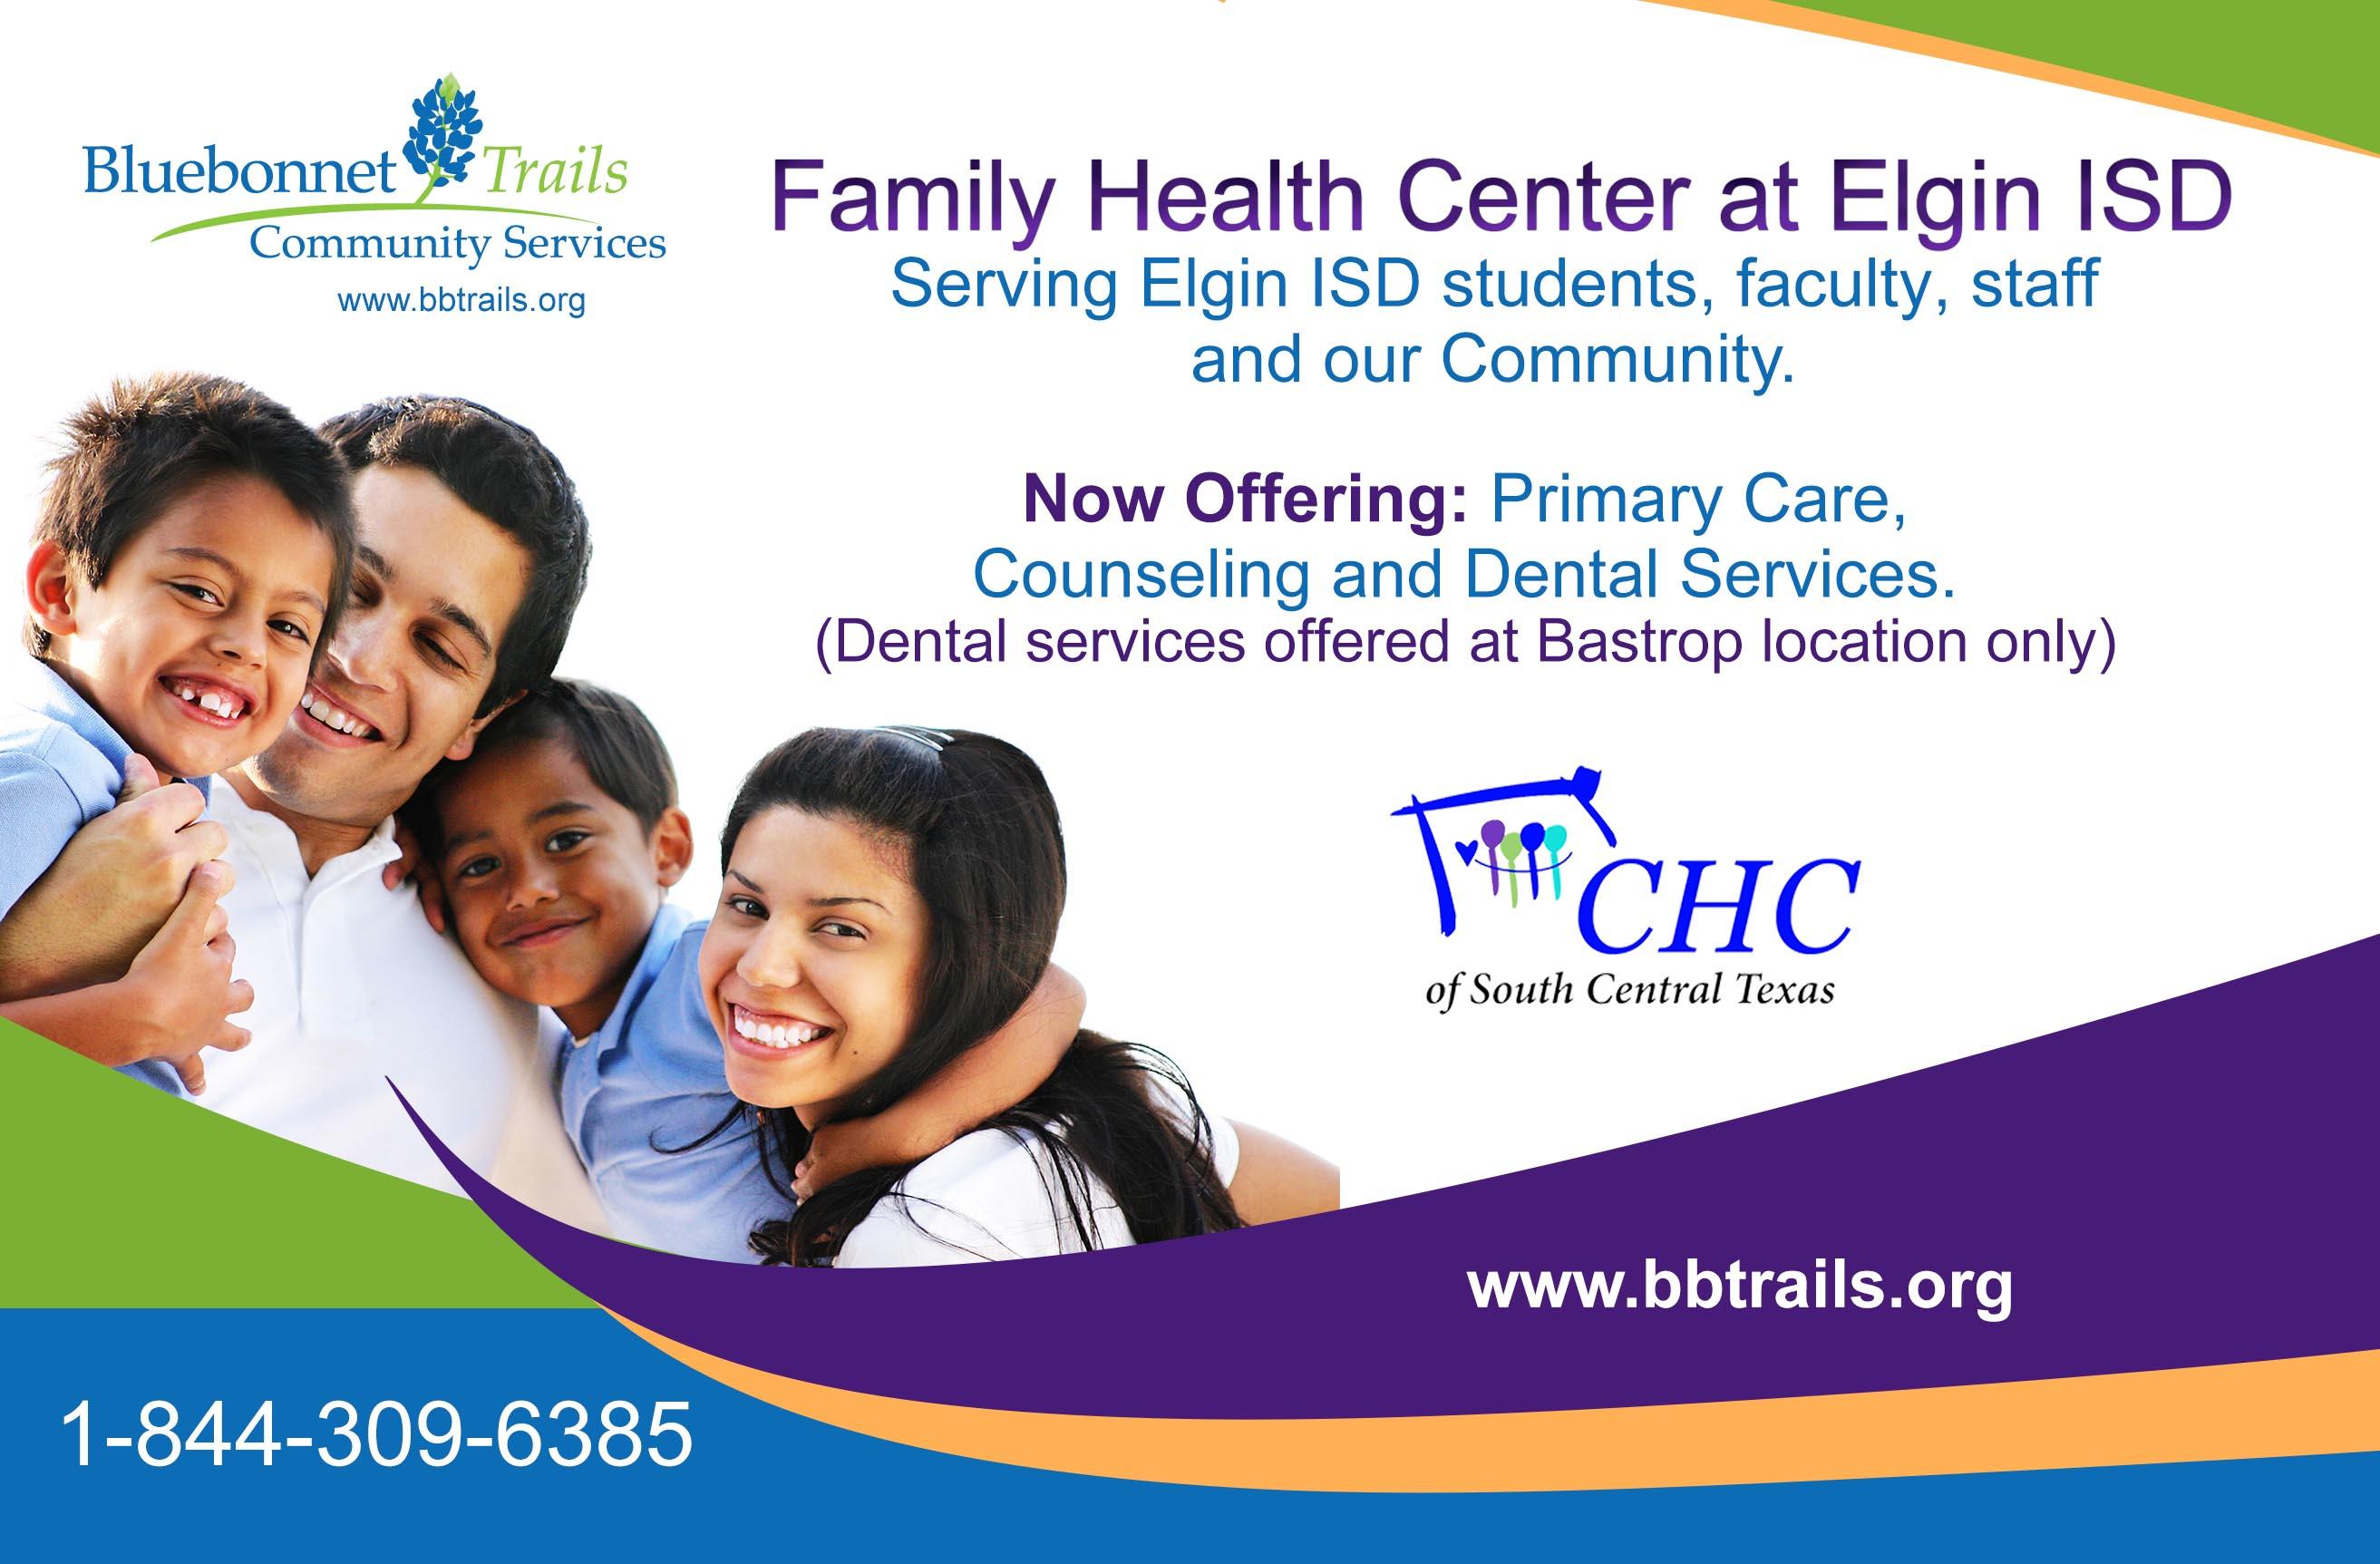 Family Health Care | Bluebonnet Trails Community Services